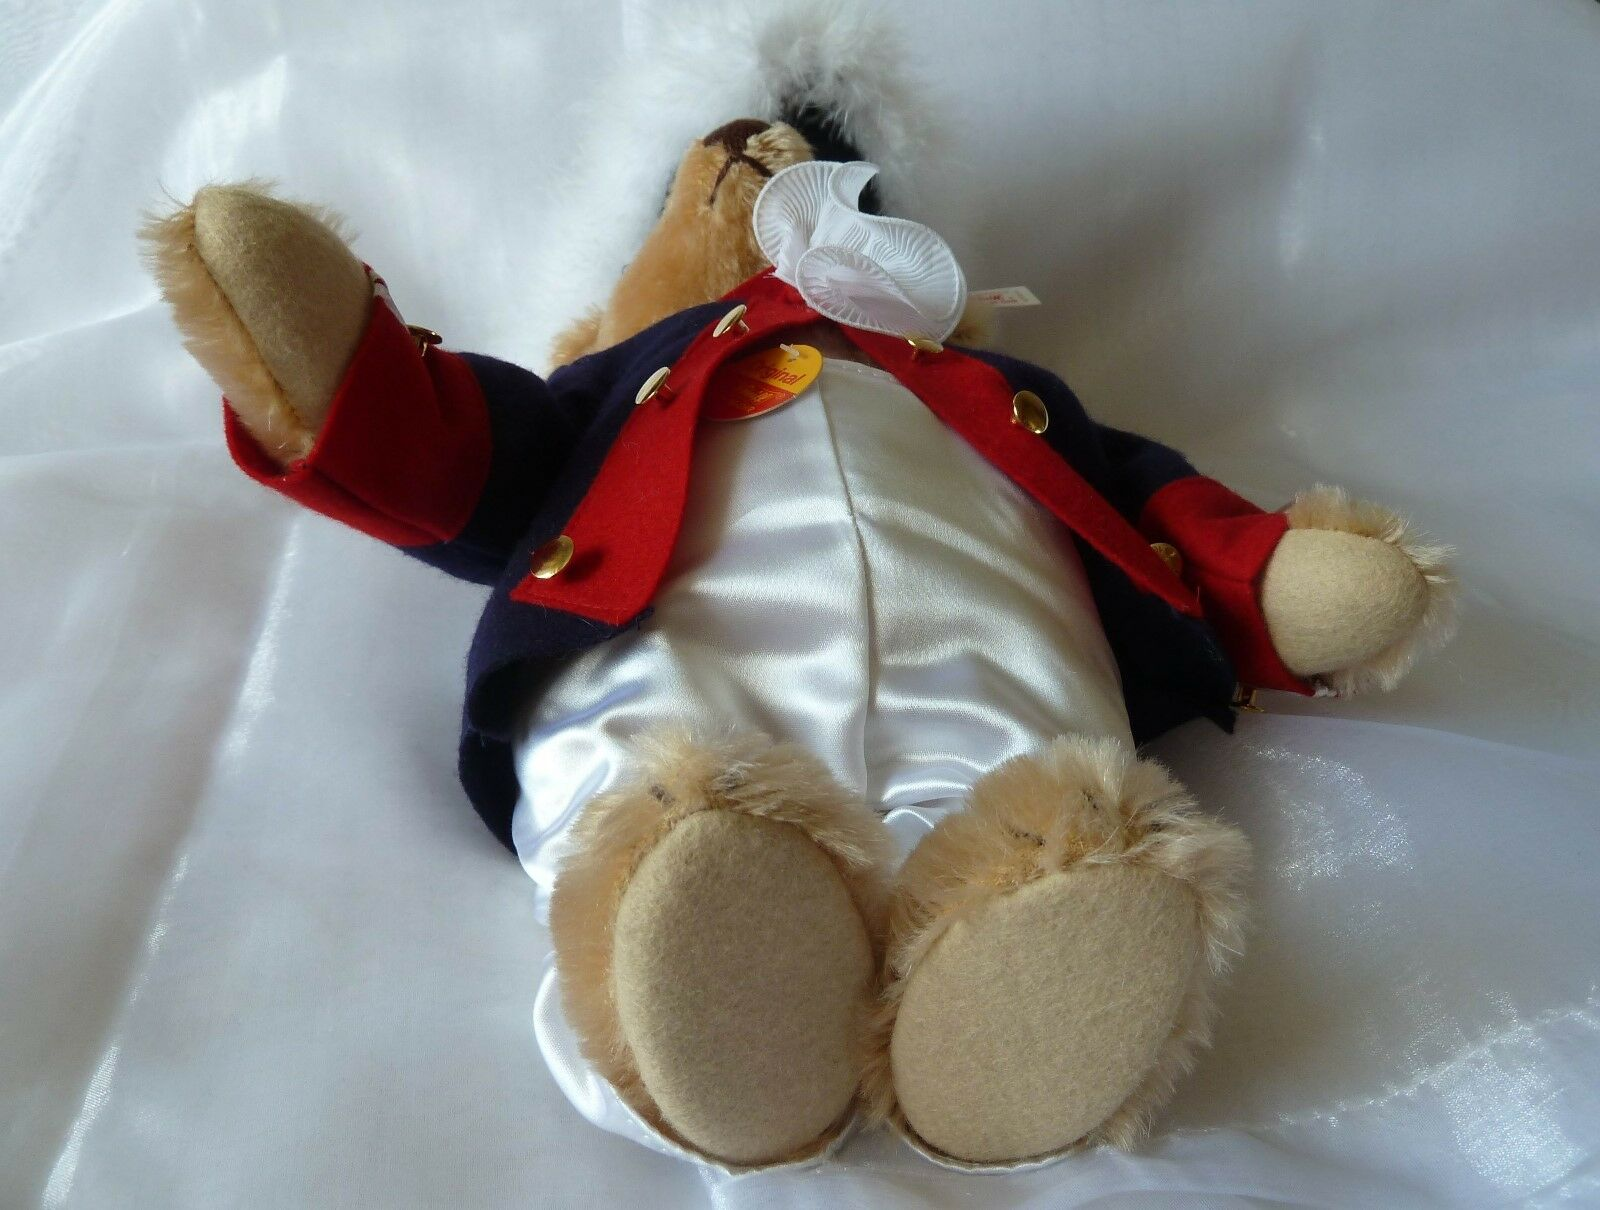 Steiff Teddybär Stadtsoldat Deutschlandbär Teddy Bär Soldat Soldat Soldat Dreispitz 670251 224 f60d12